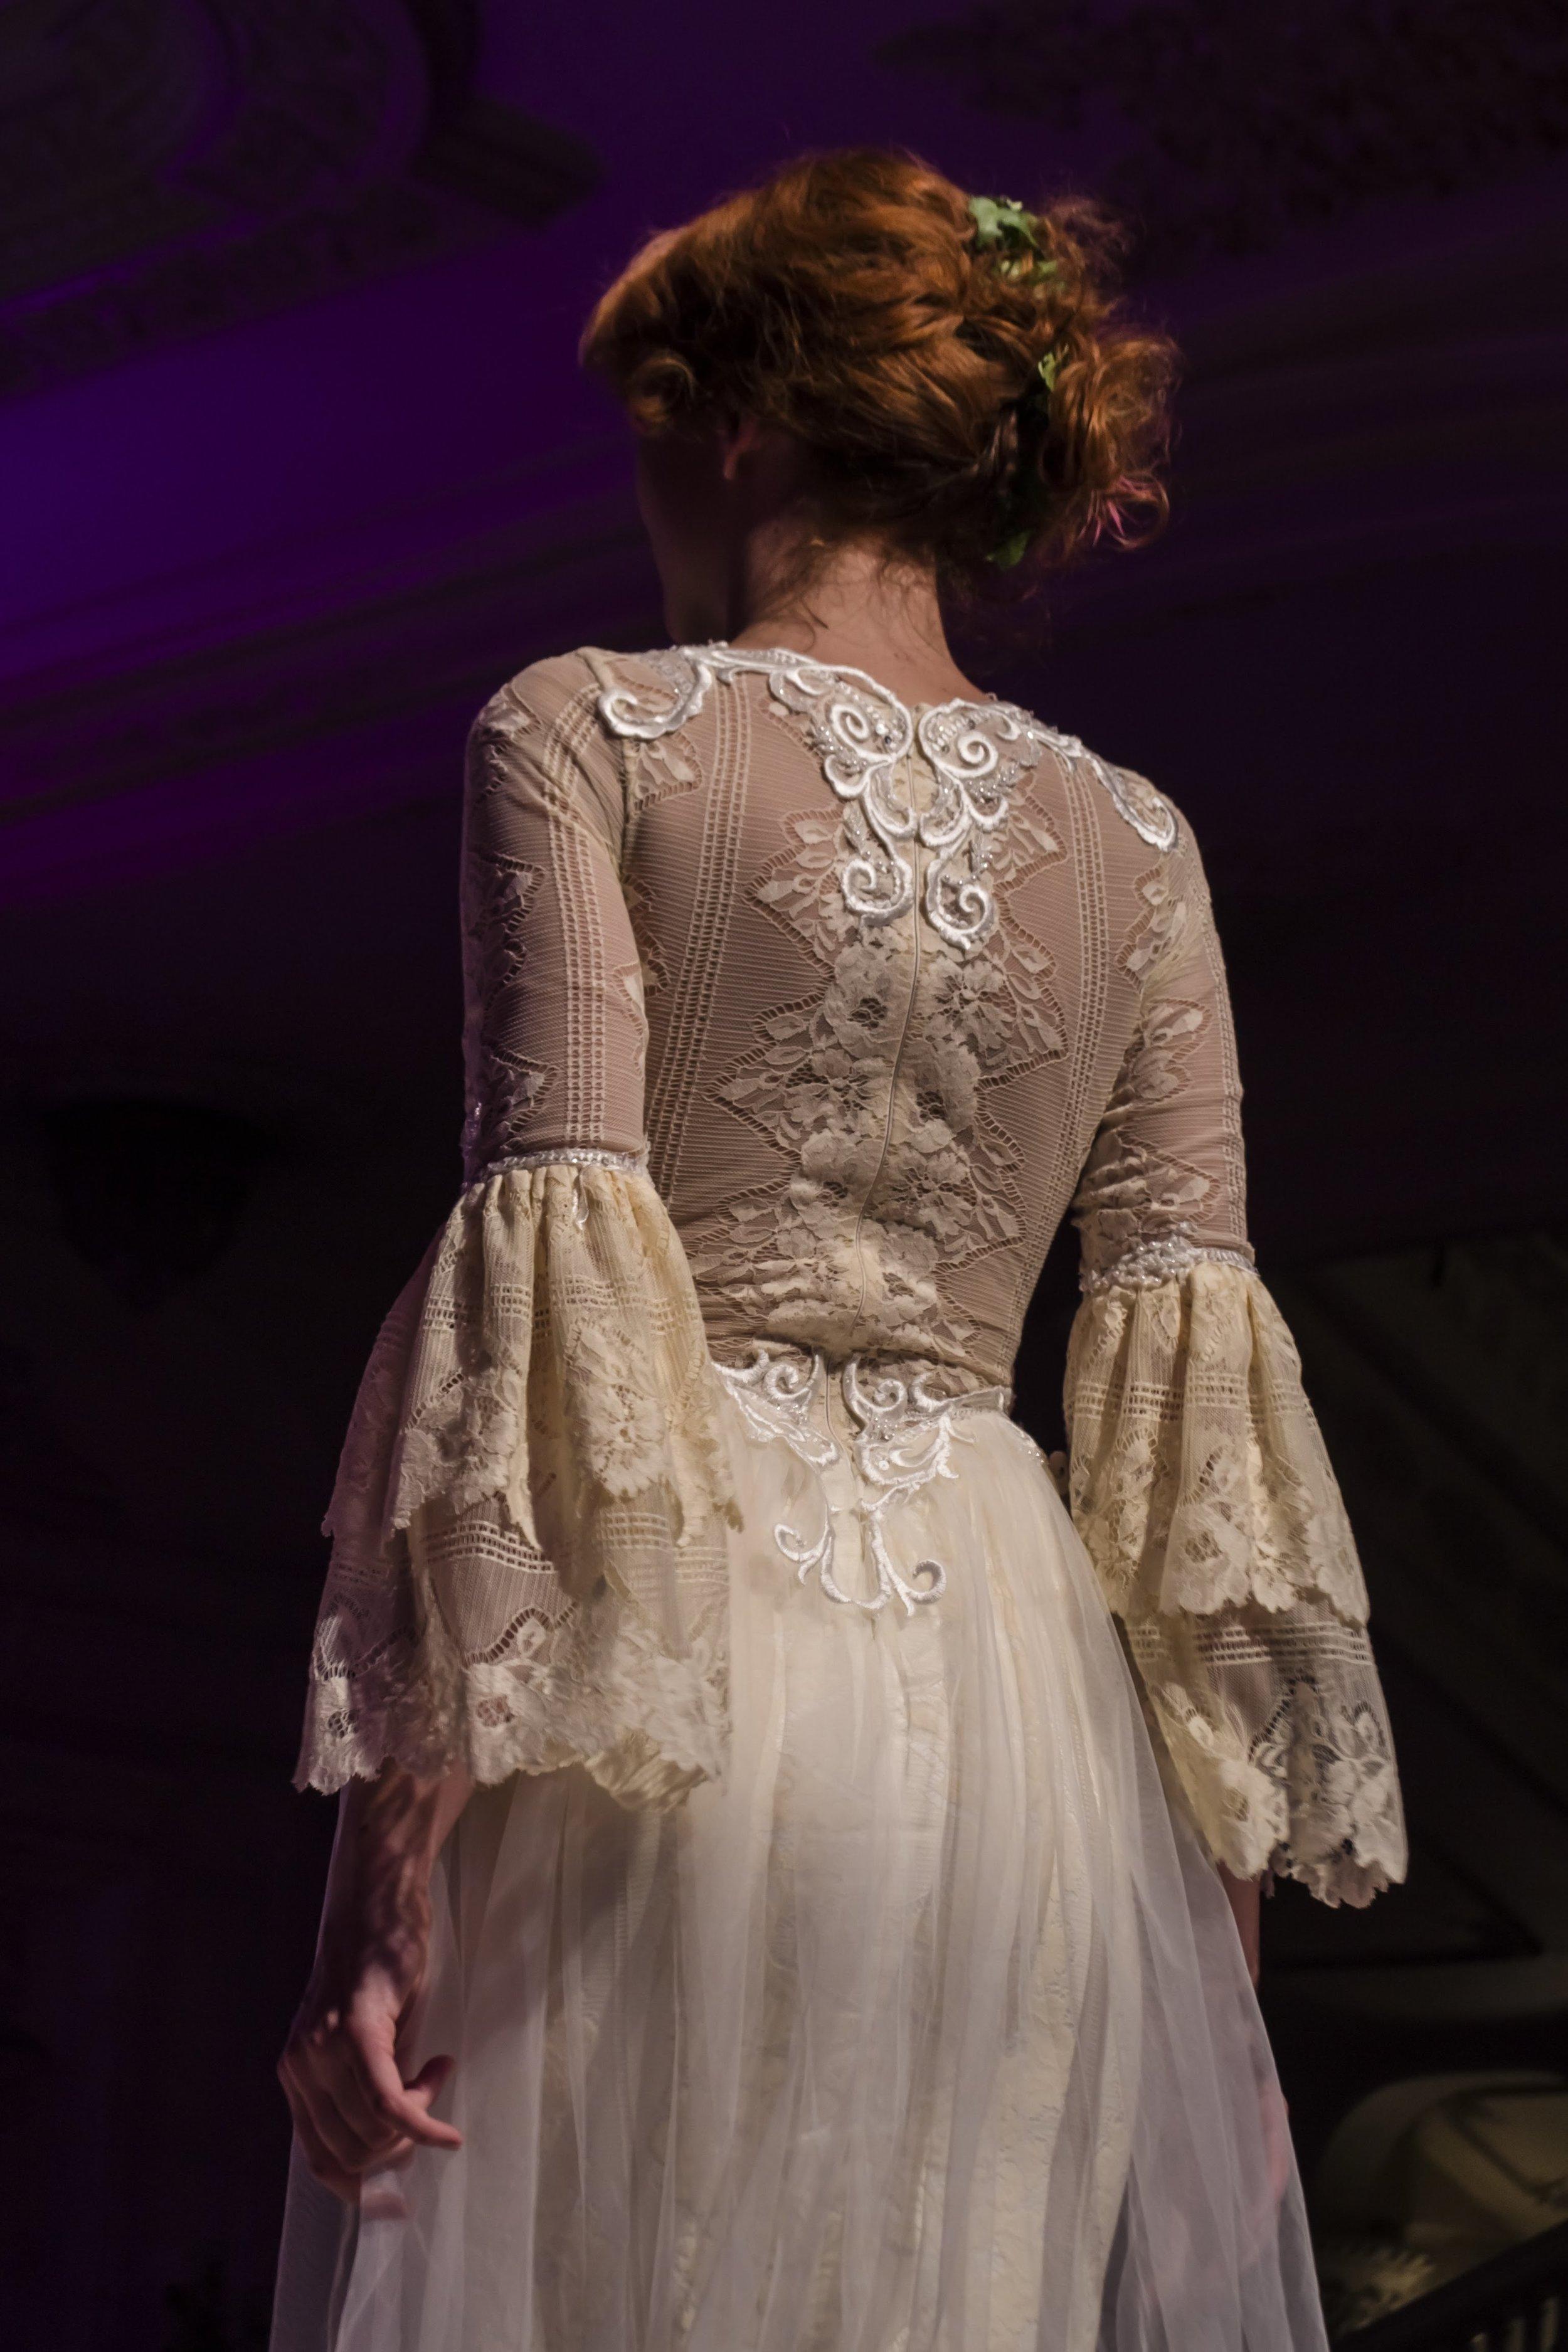 Dress Story: Pivoine, a Retro-Inspired Wedding Dress for Princess Brides